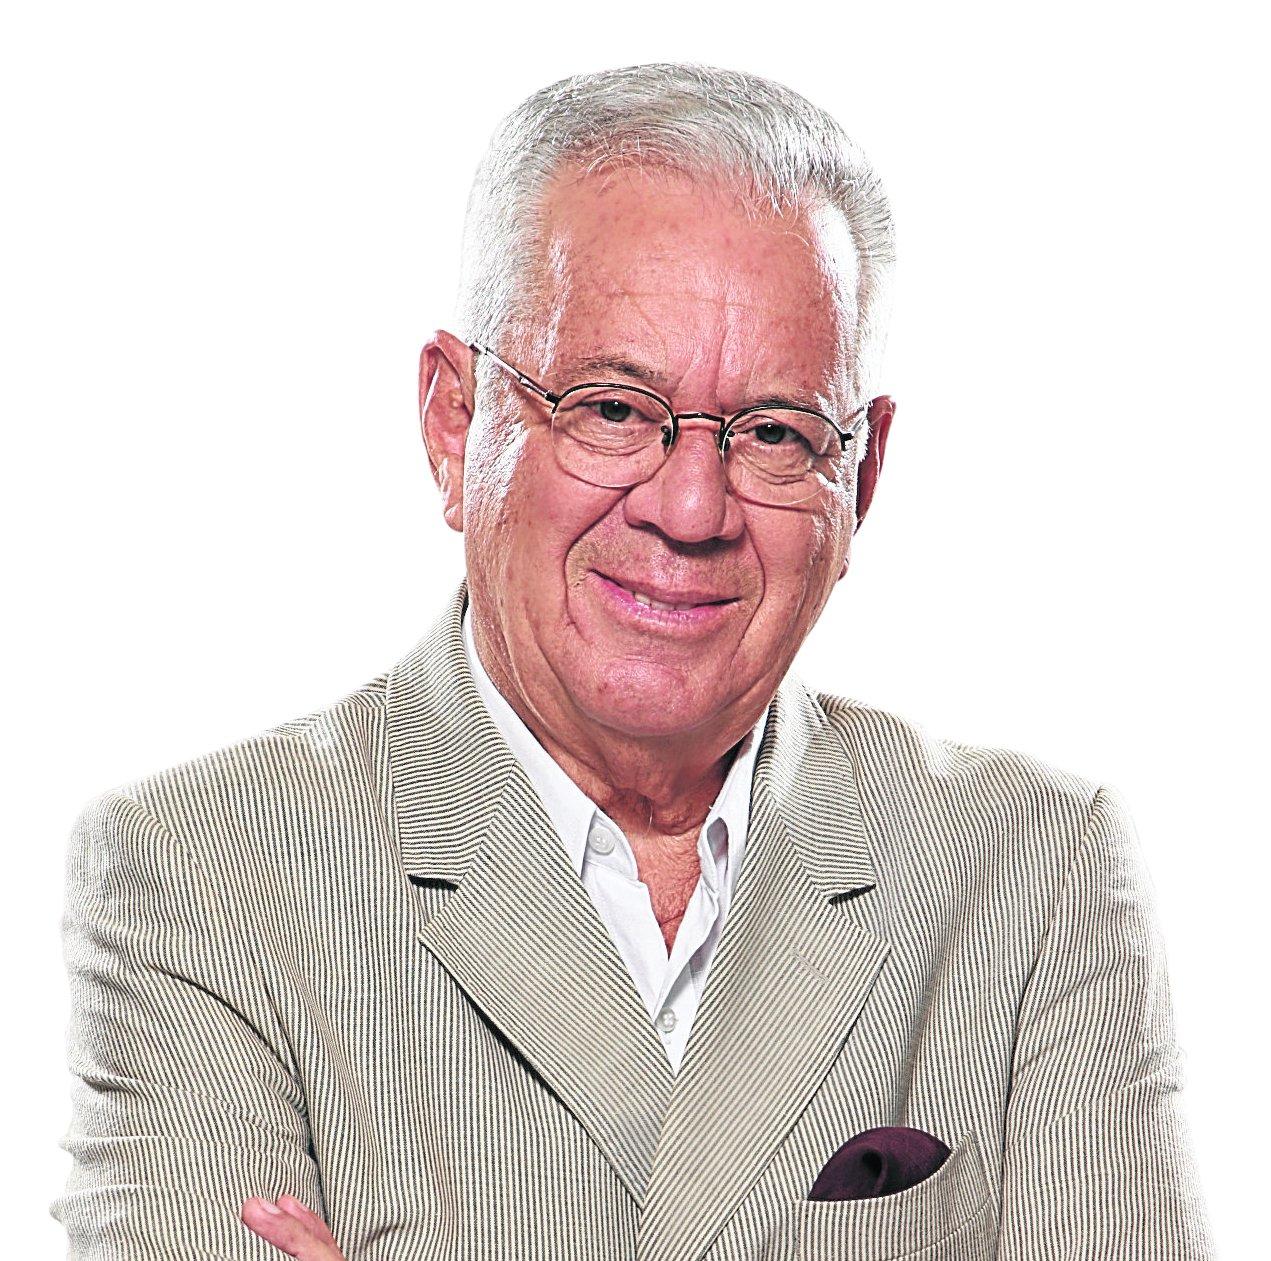 Luiz Coronel